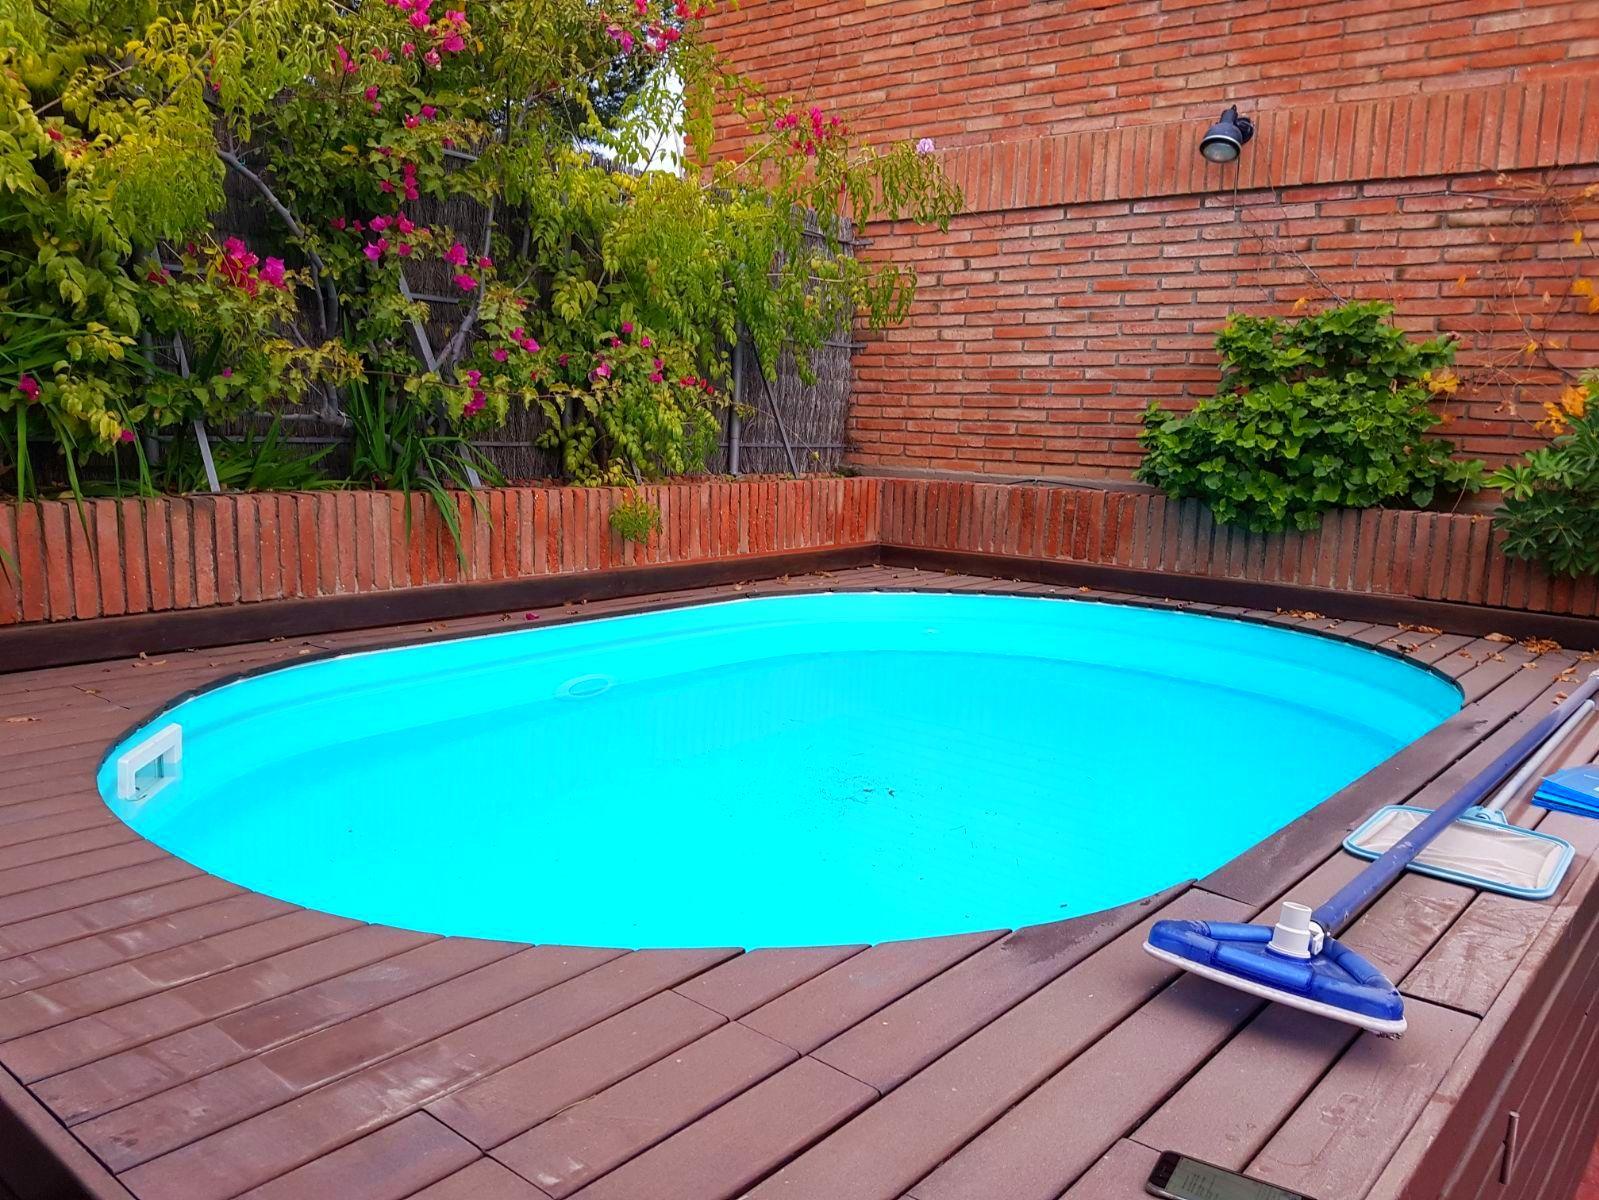 Foto 3 de piscinas instalaci n y mantenimiento en barcelona piscinas guillens - Piscina en barcelona ...